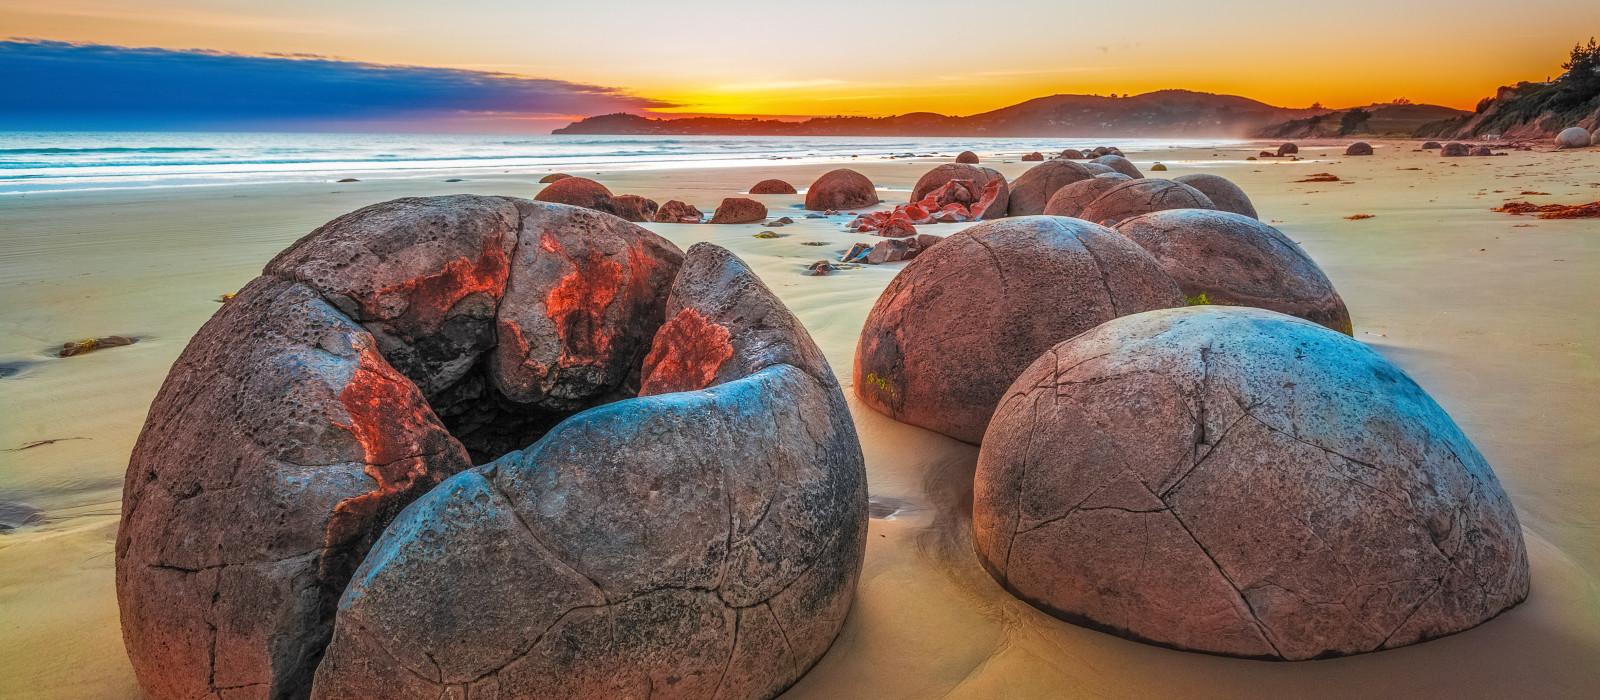 Neuseeland – Rundreise auf der Südinsel Urlaub 1